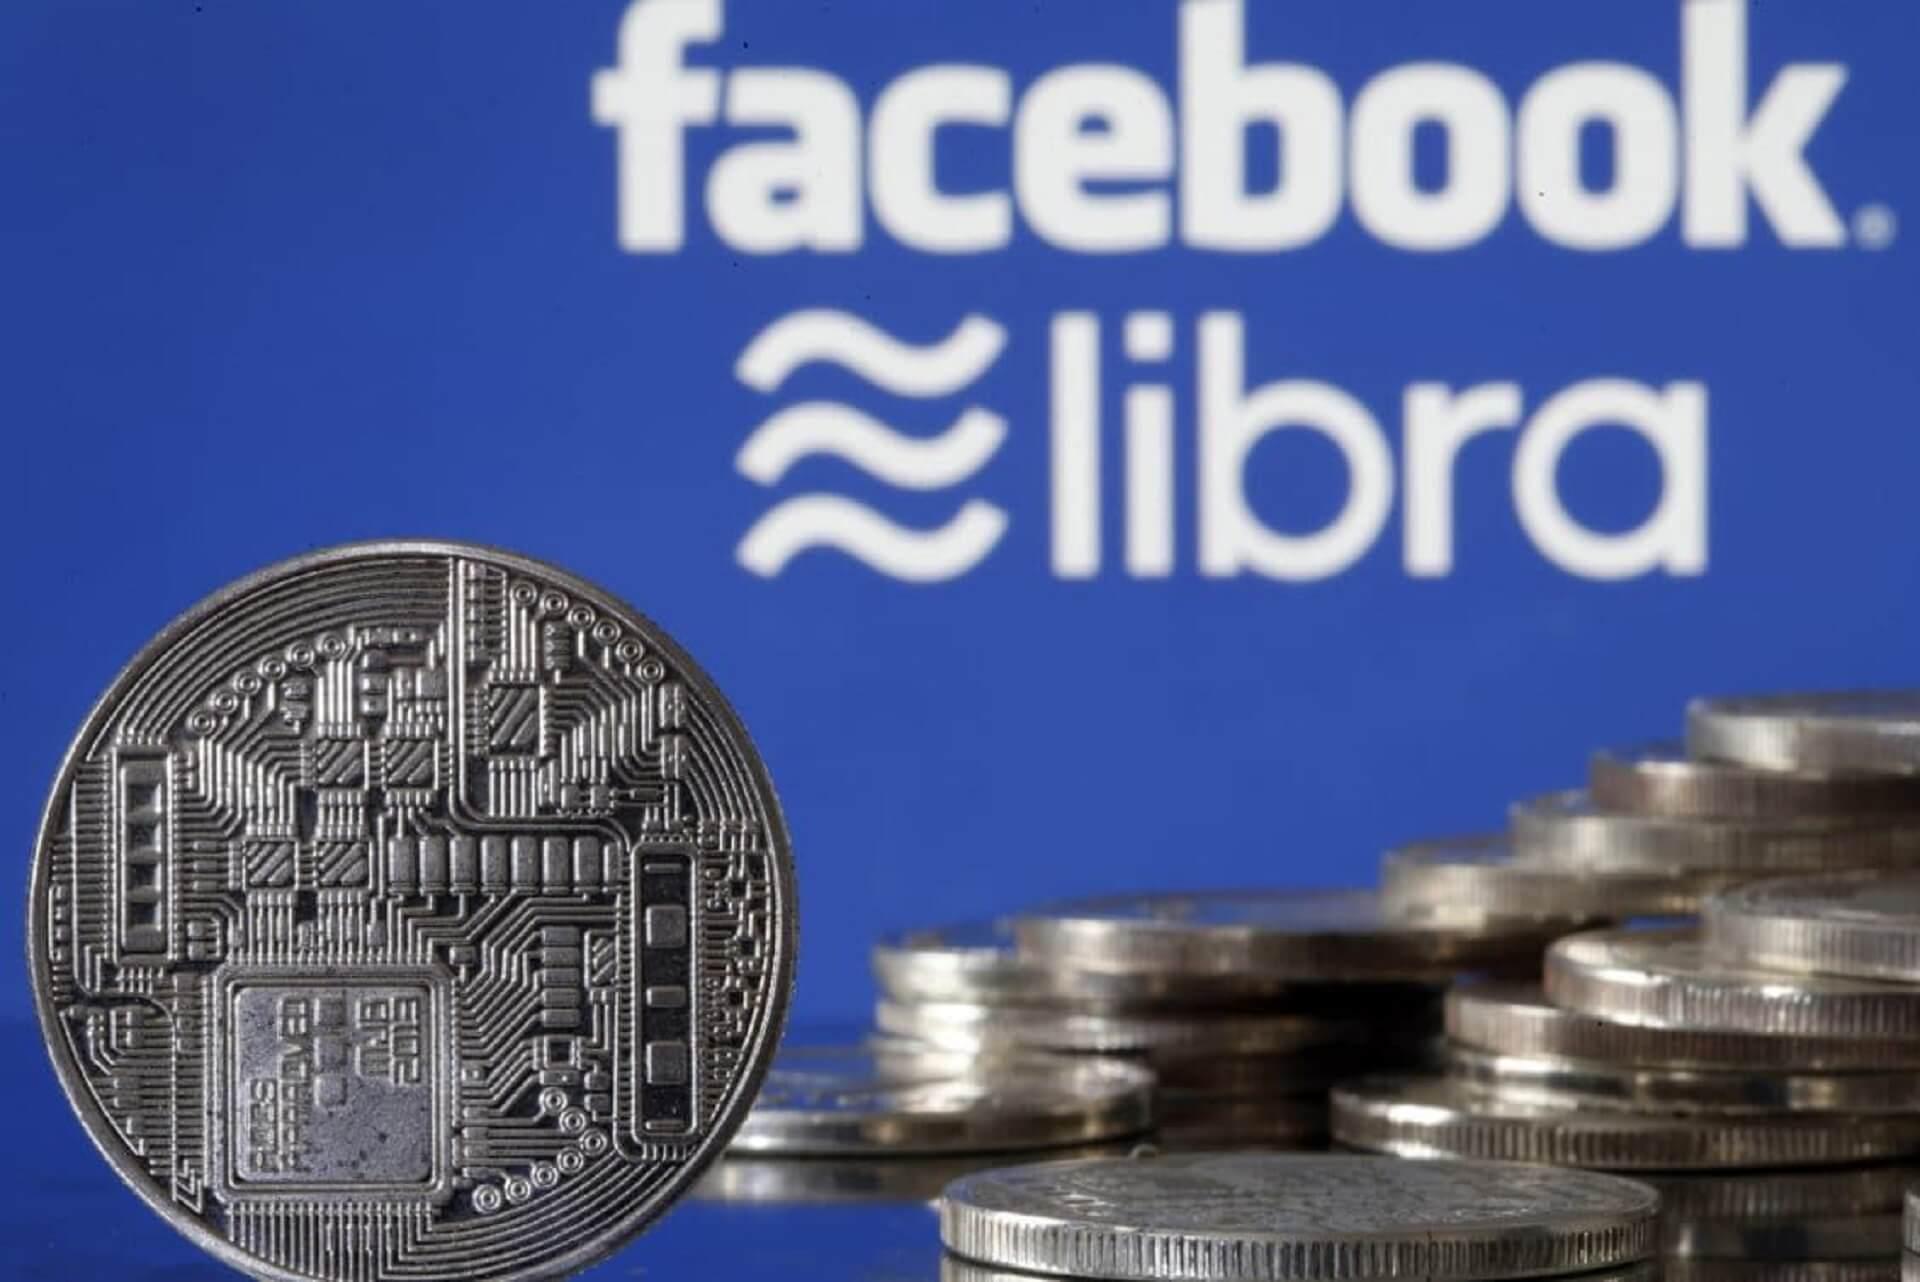 عملة نقدية حديثة فيسبوك تطلق